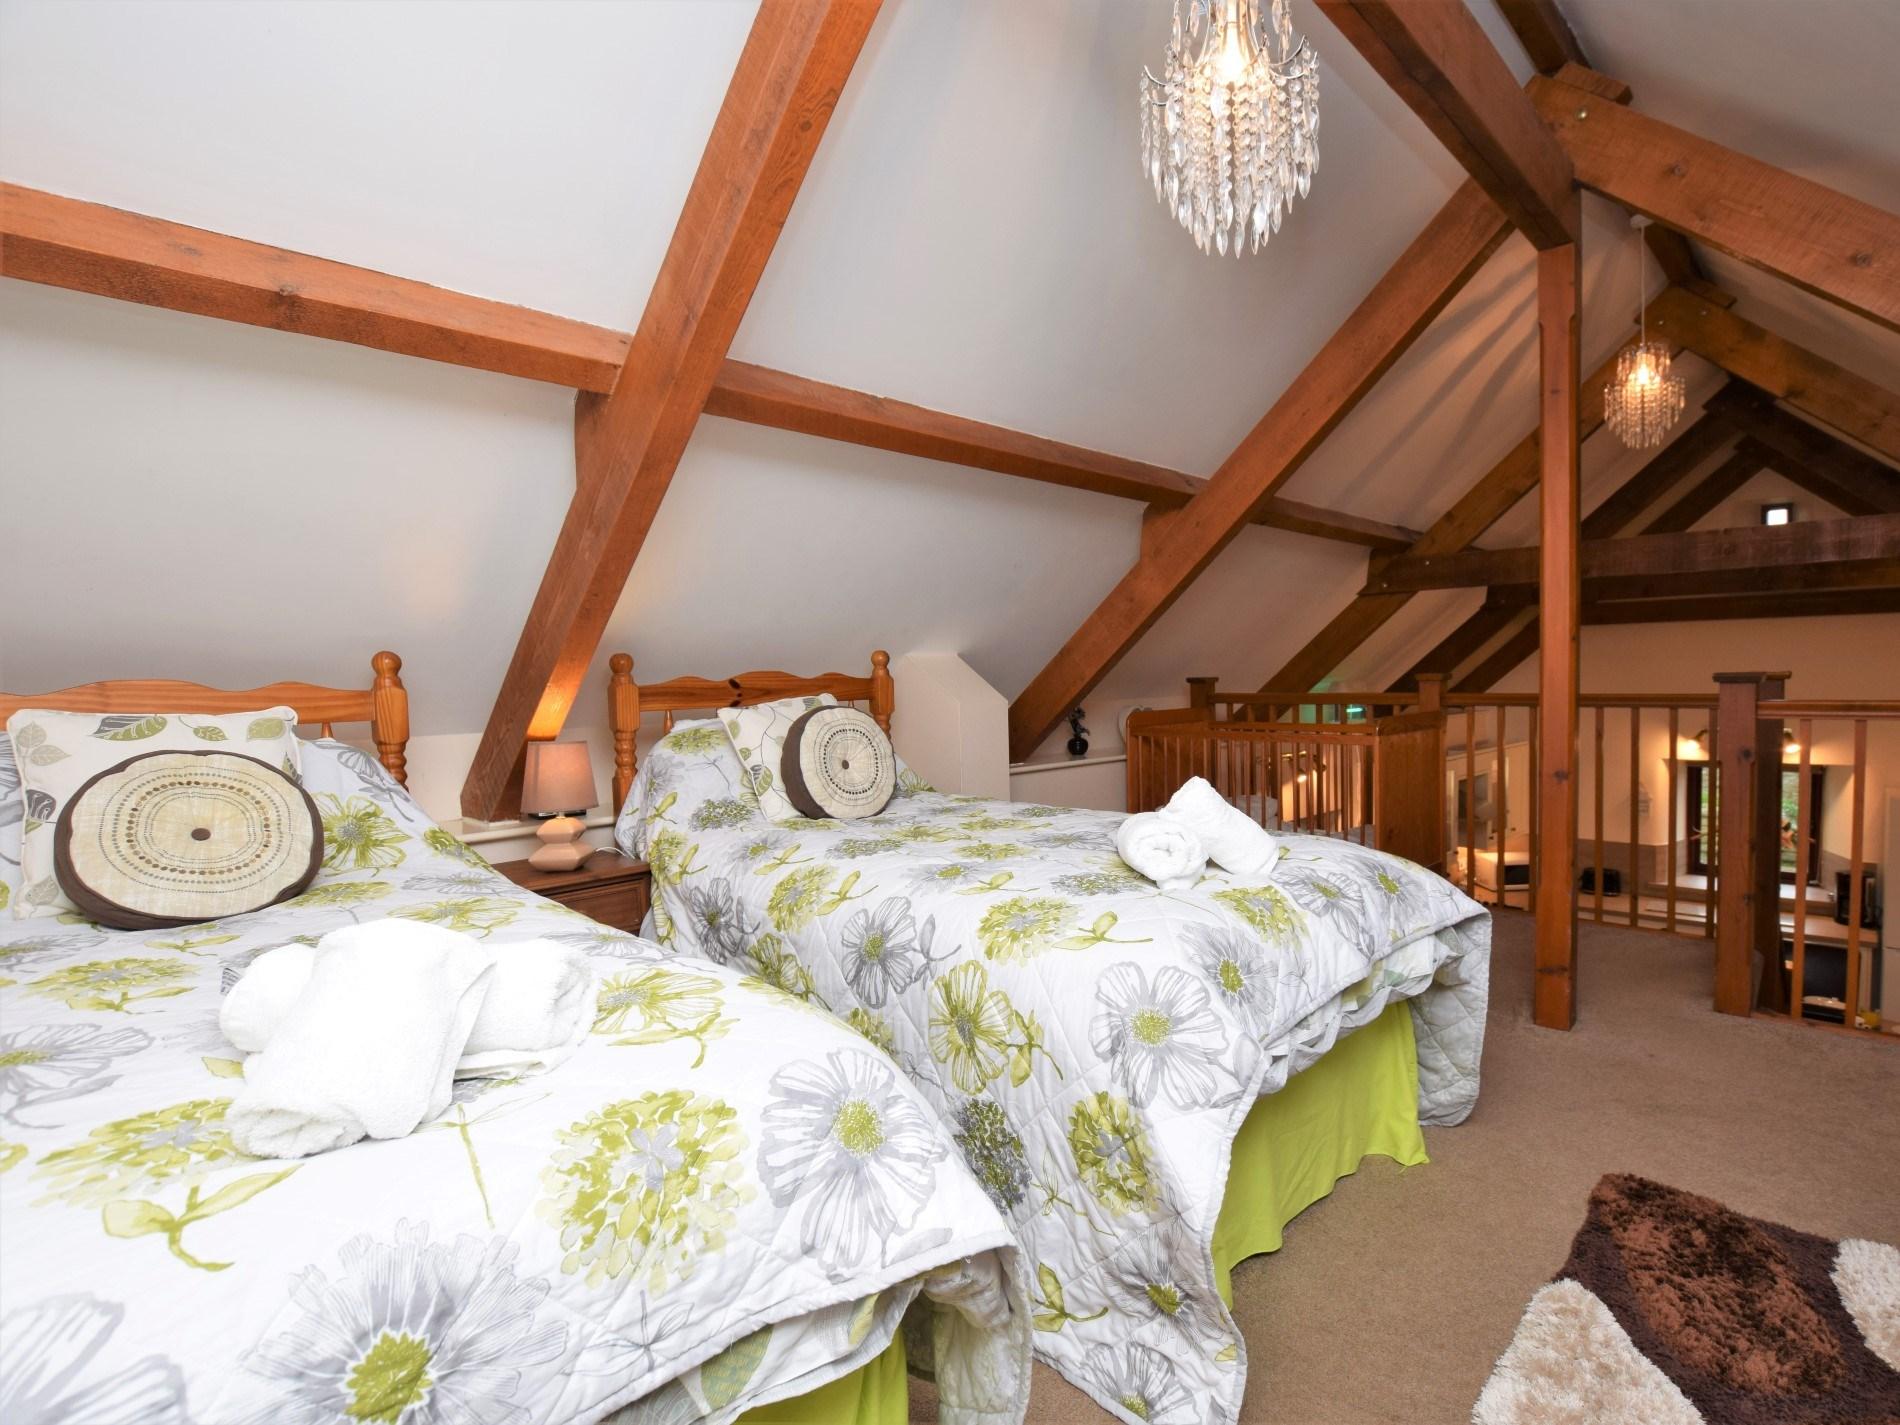 Twin bedroom located on mezzanine floor